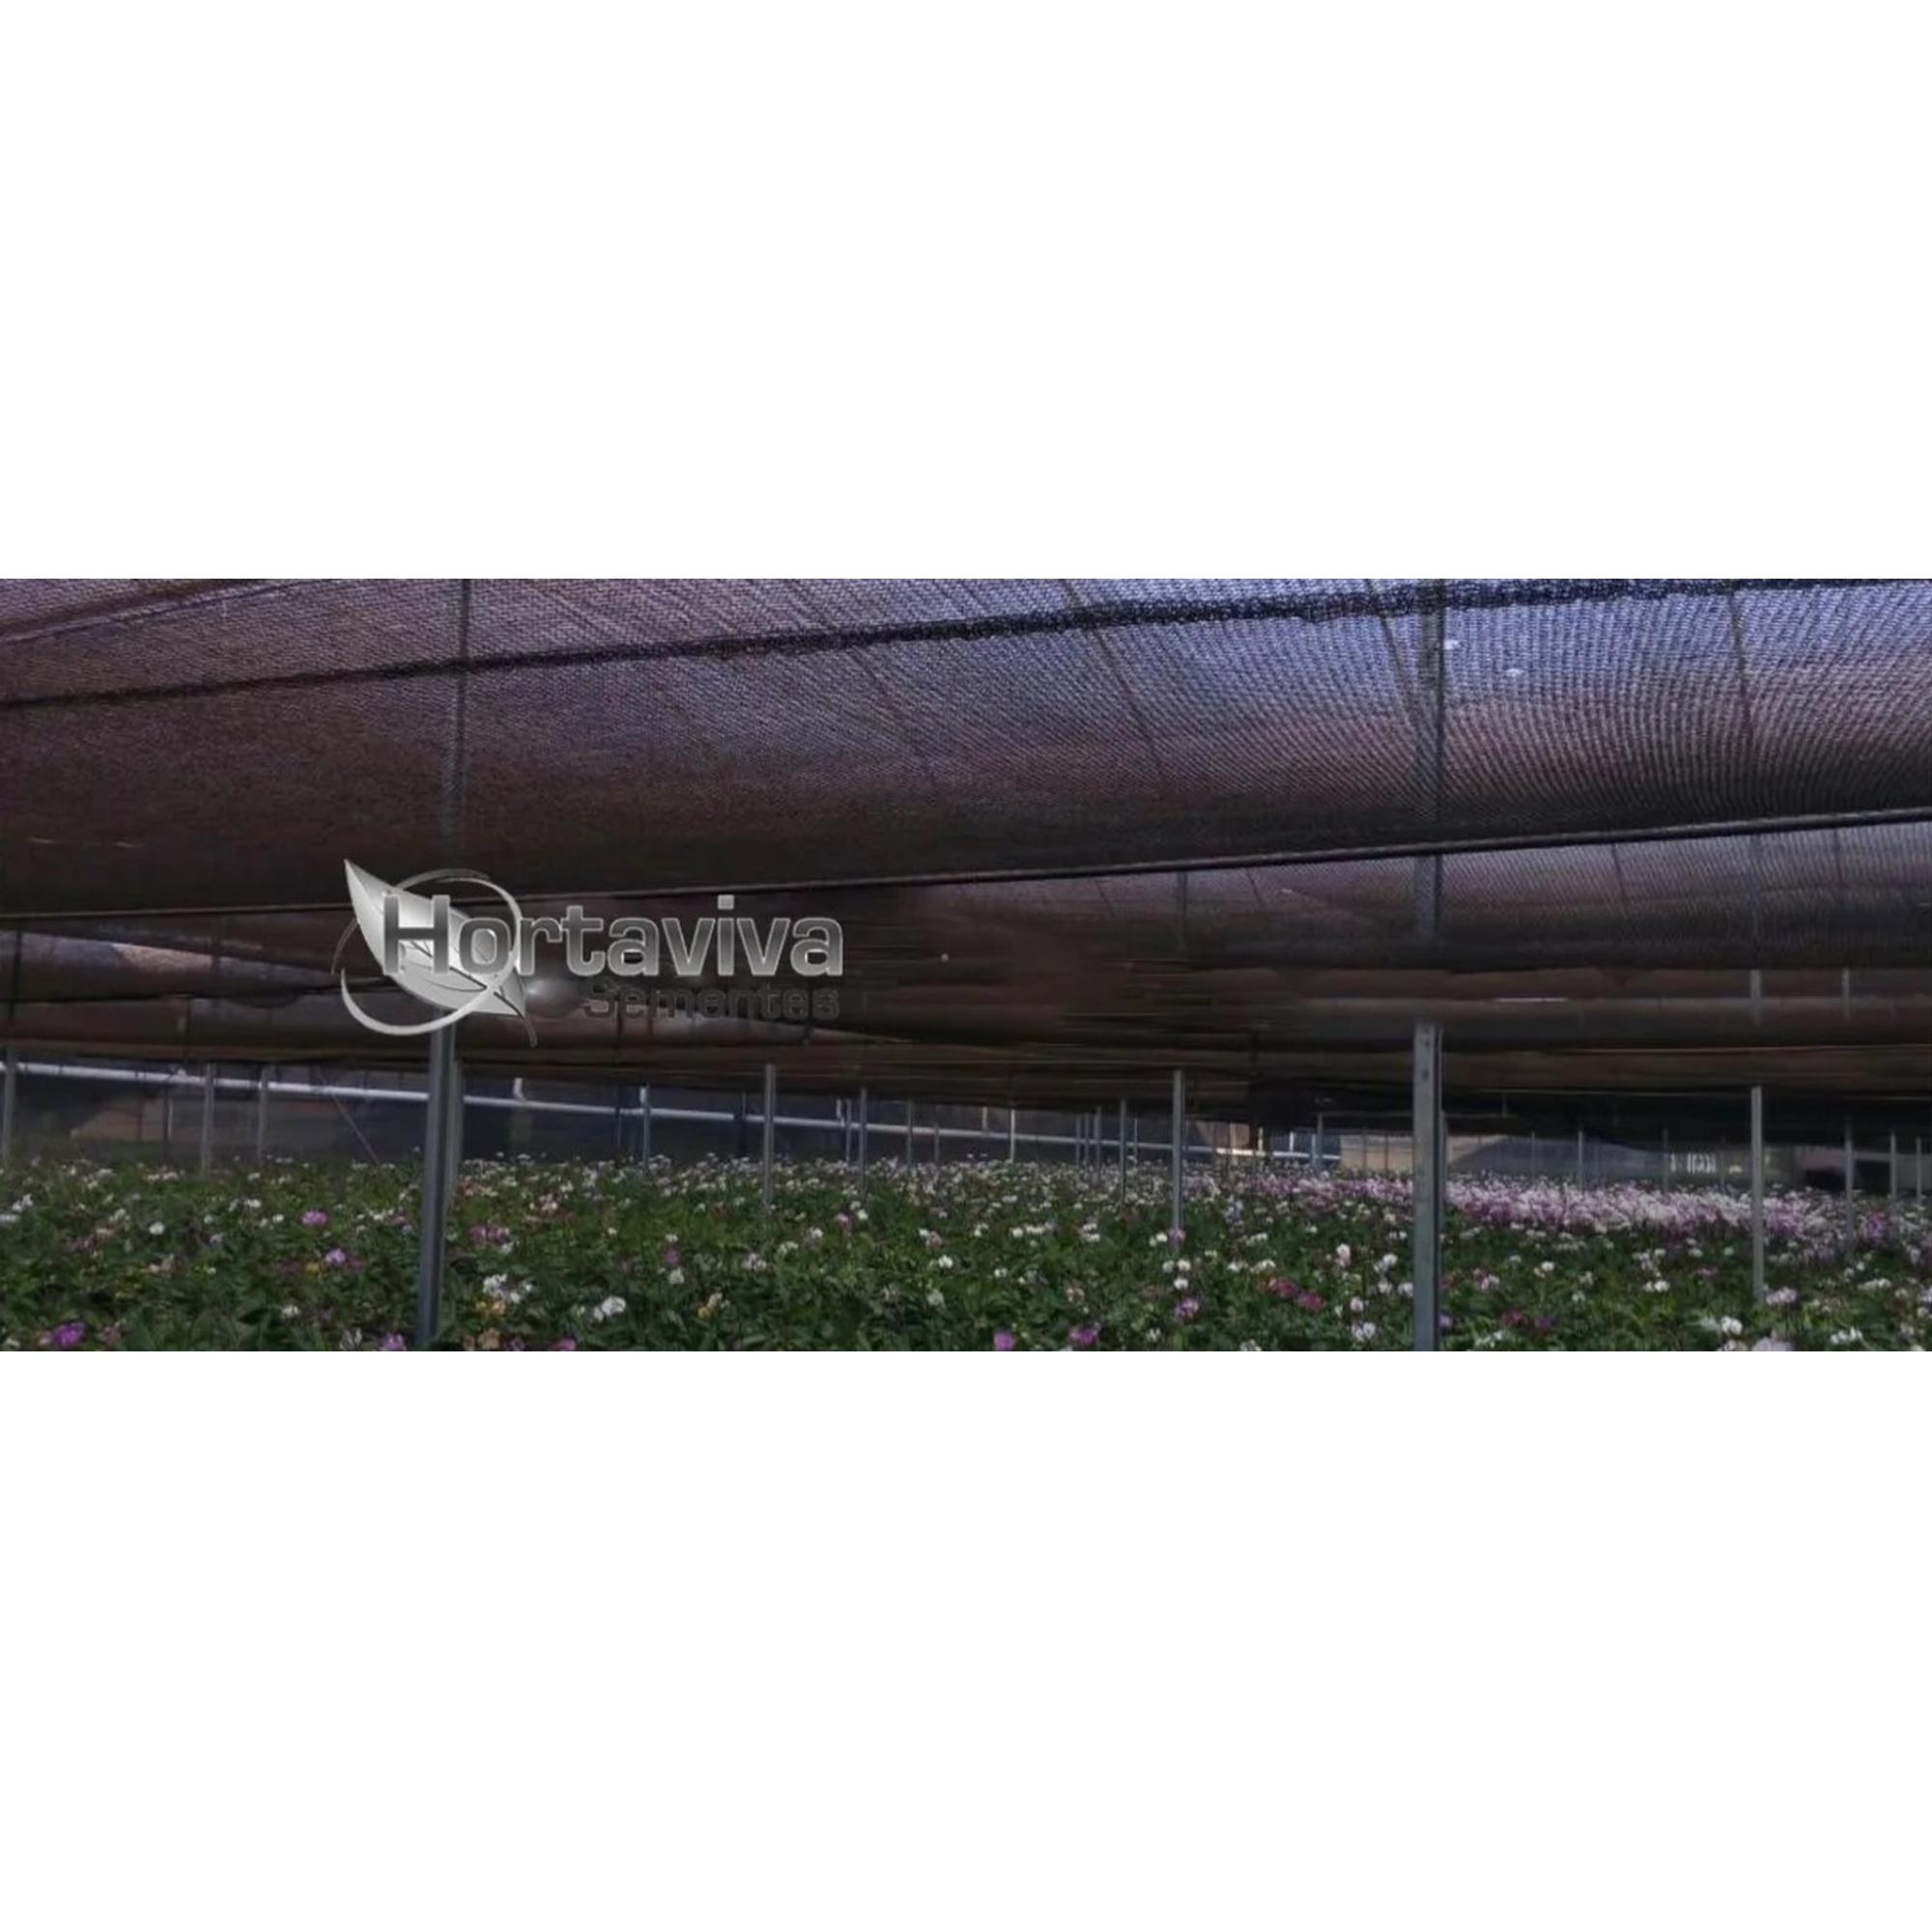 Tela de Sombreamento Preta 50% - 10 Metros x 40 Metros